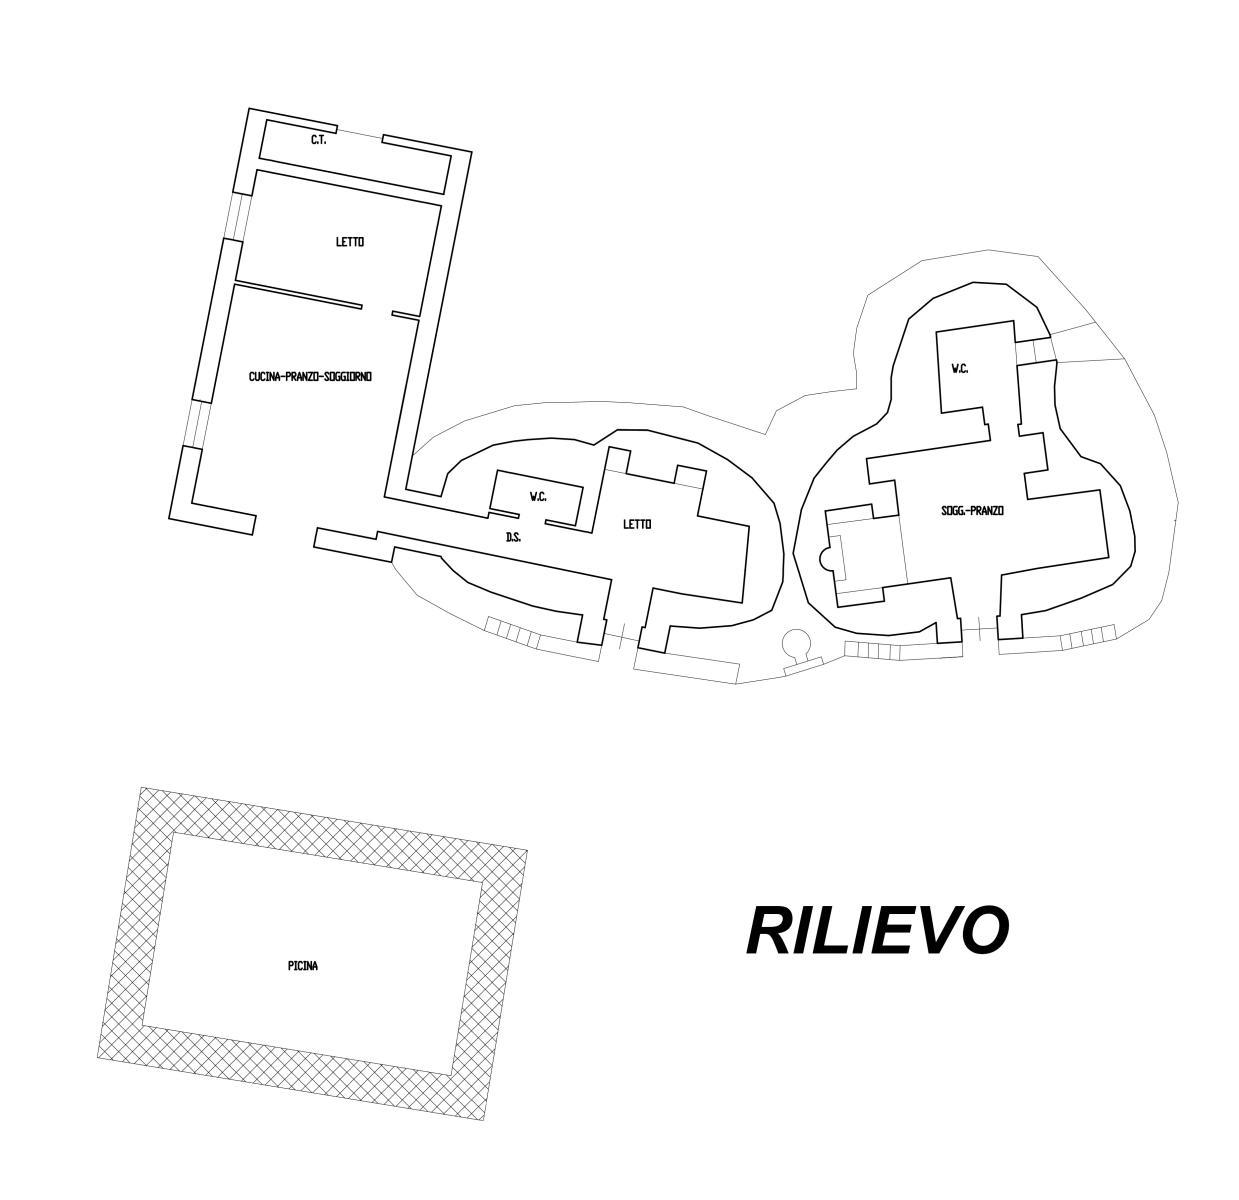 Vendita trulli abitabili – Contrada Palazzo, Ceglie Messapica (Brindisi)